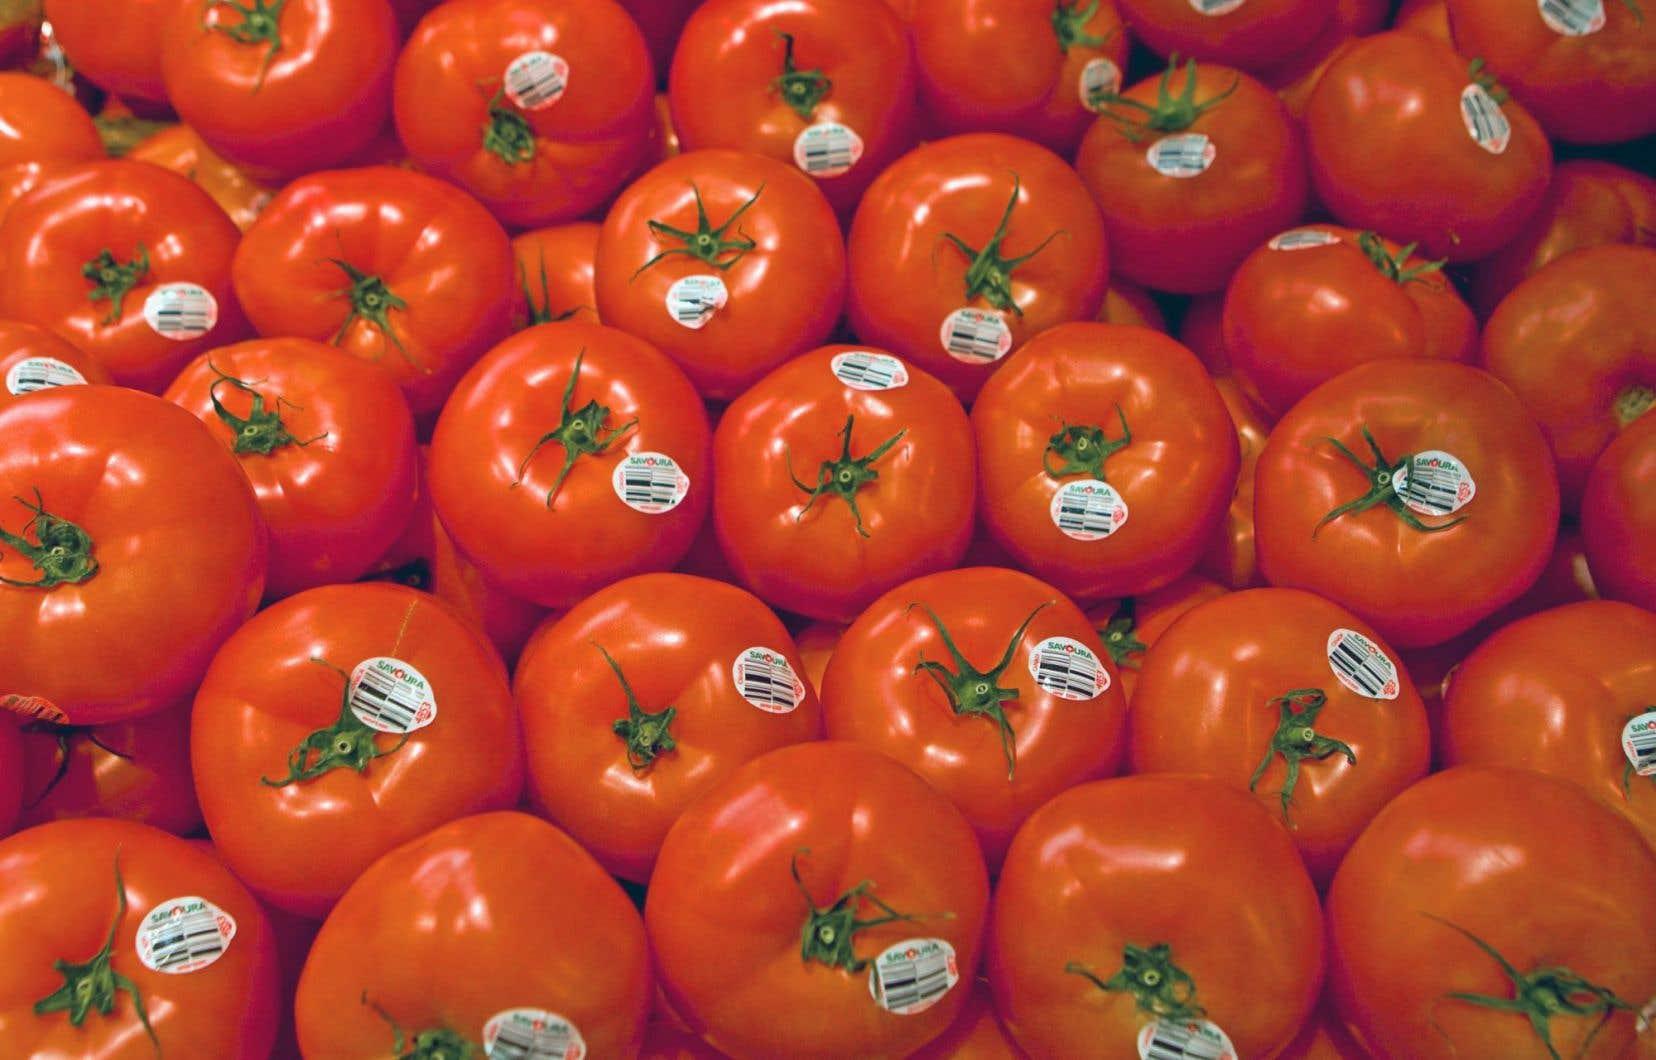 Productions Horticoles Demers produit, outre des tomates, des fraises, des framboises, des poivrons et des aubergines.<br />